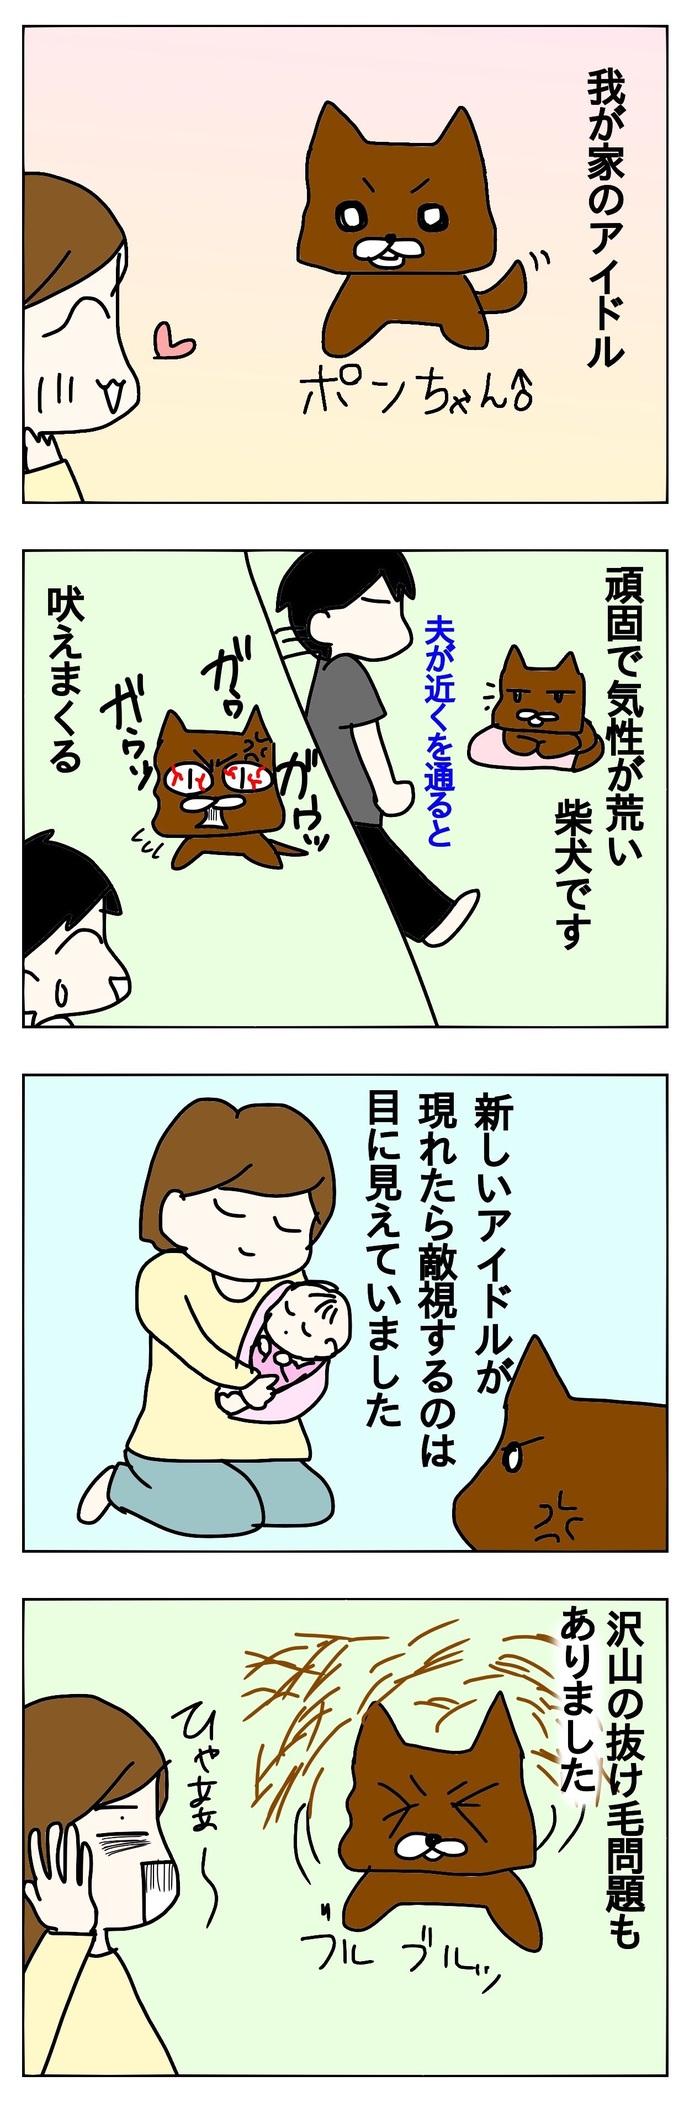 ペットも大切な家族。赤ちゃんが生まれた時、先輩ペットとの関係はどうなるの?の画像1